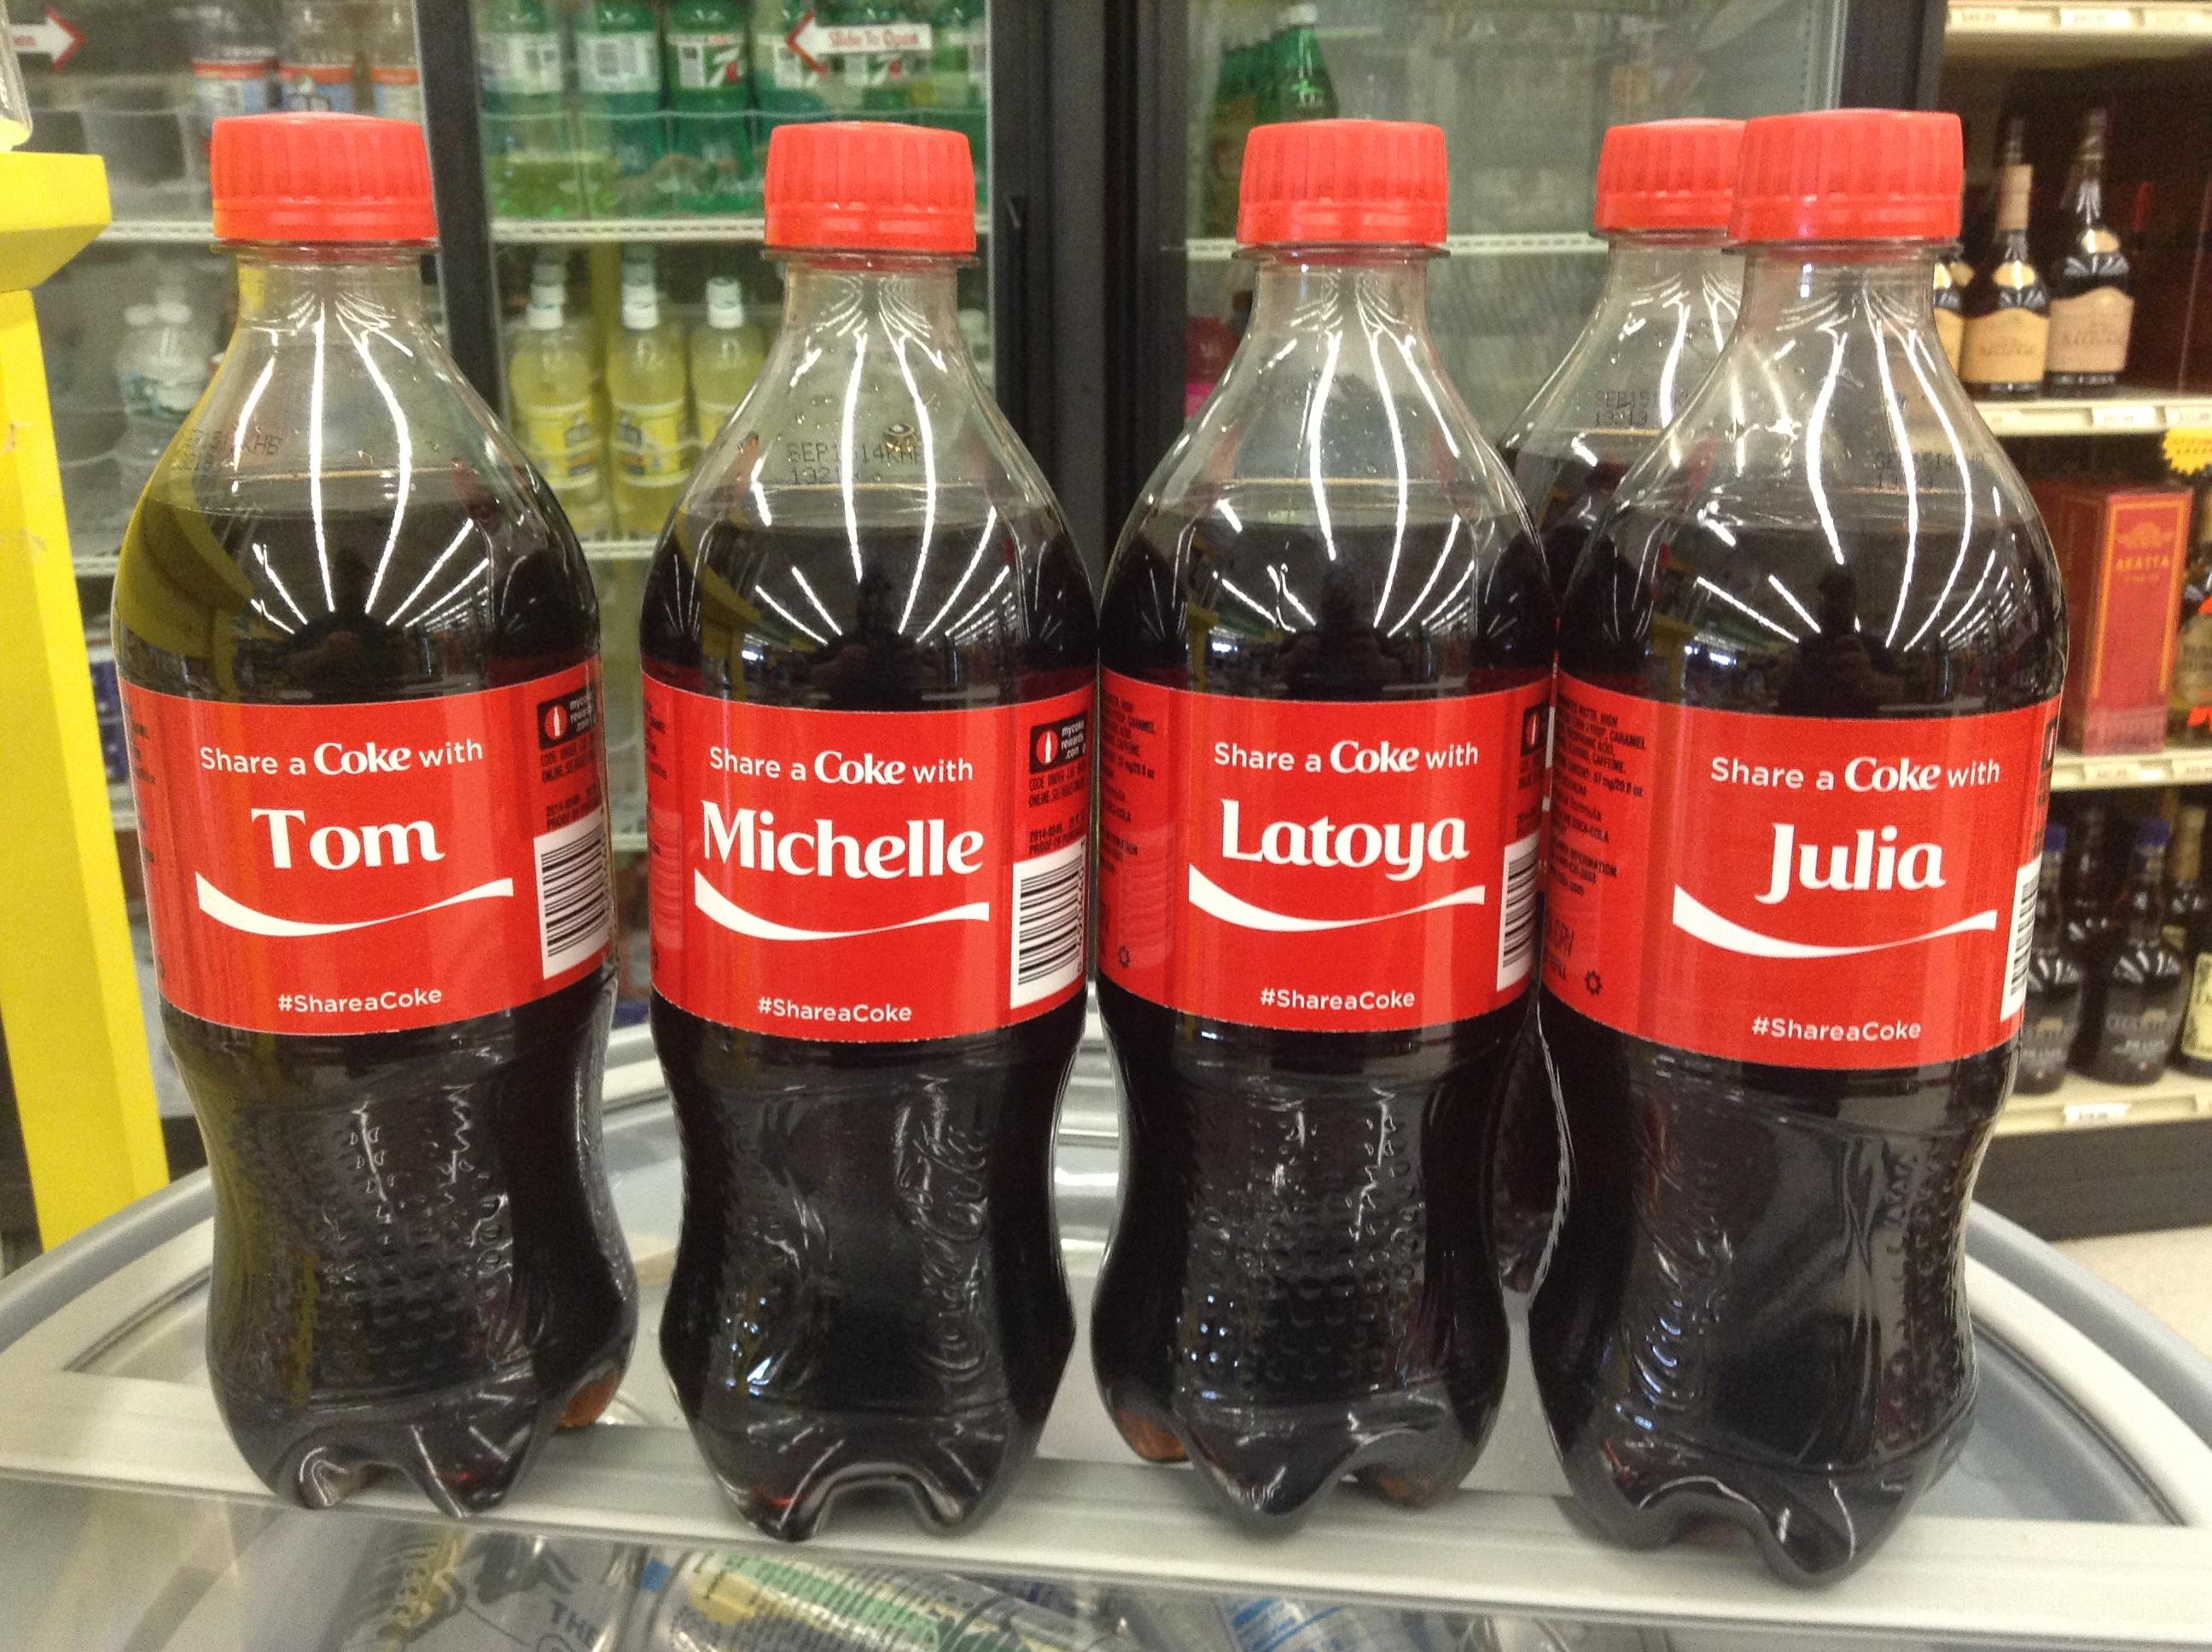 بازاریابی کوکاکولا برای جذب مشتری